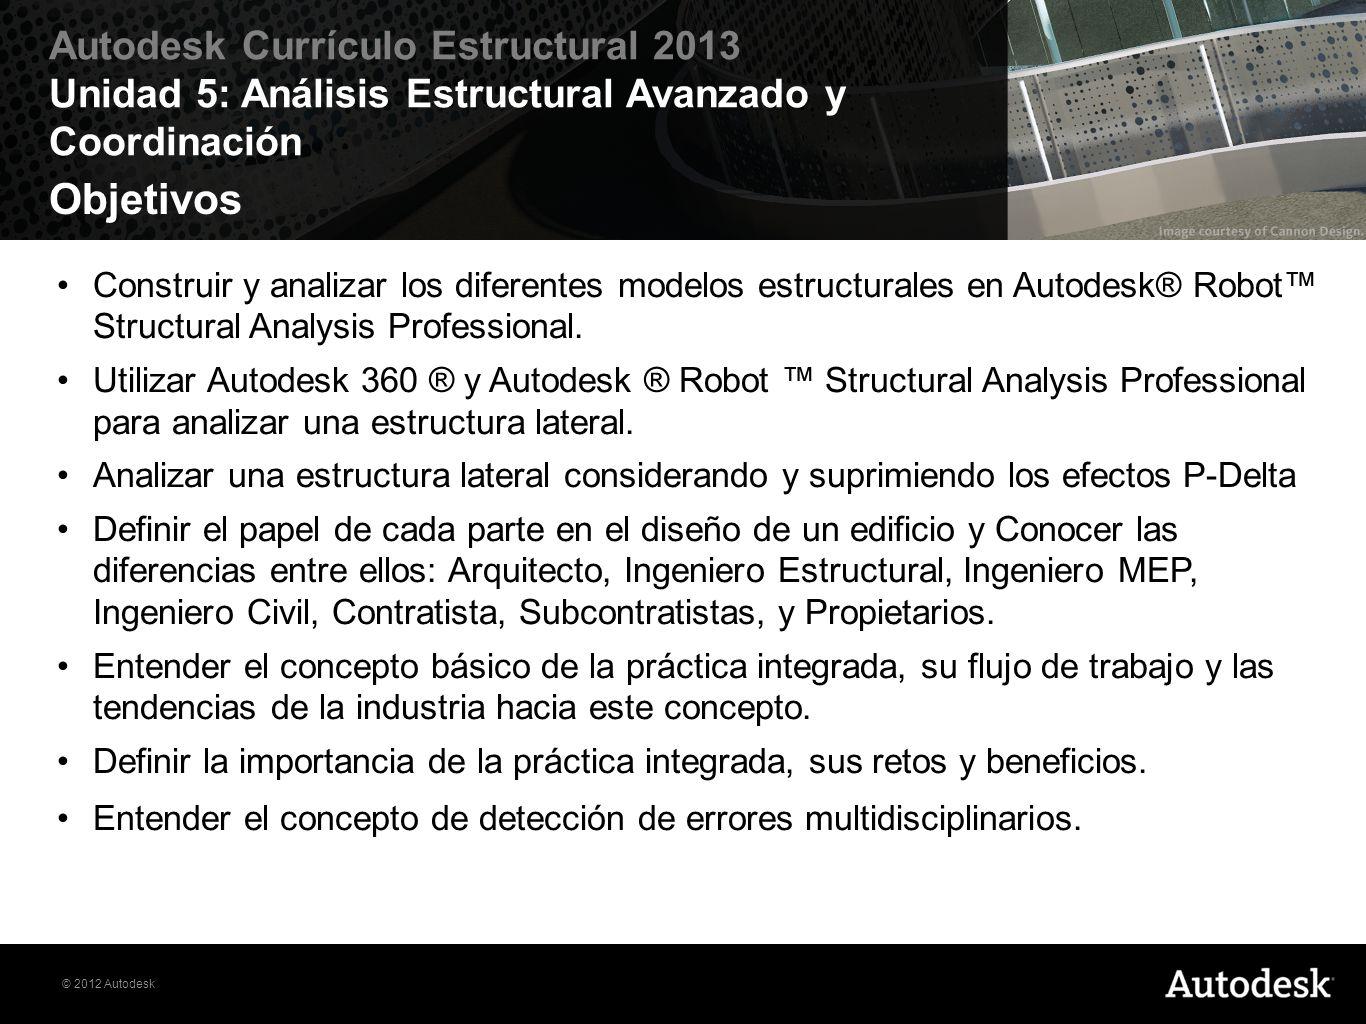 © 2012 Autodesk Autodesk Currículo Estructural 2013 Unidad 5: Análisis Estructural Avanzado y Coordinación Objetivos Construir y analizar los diferent